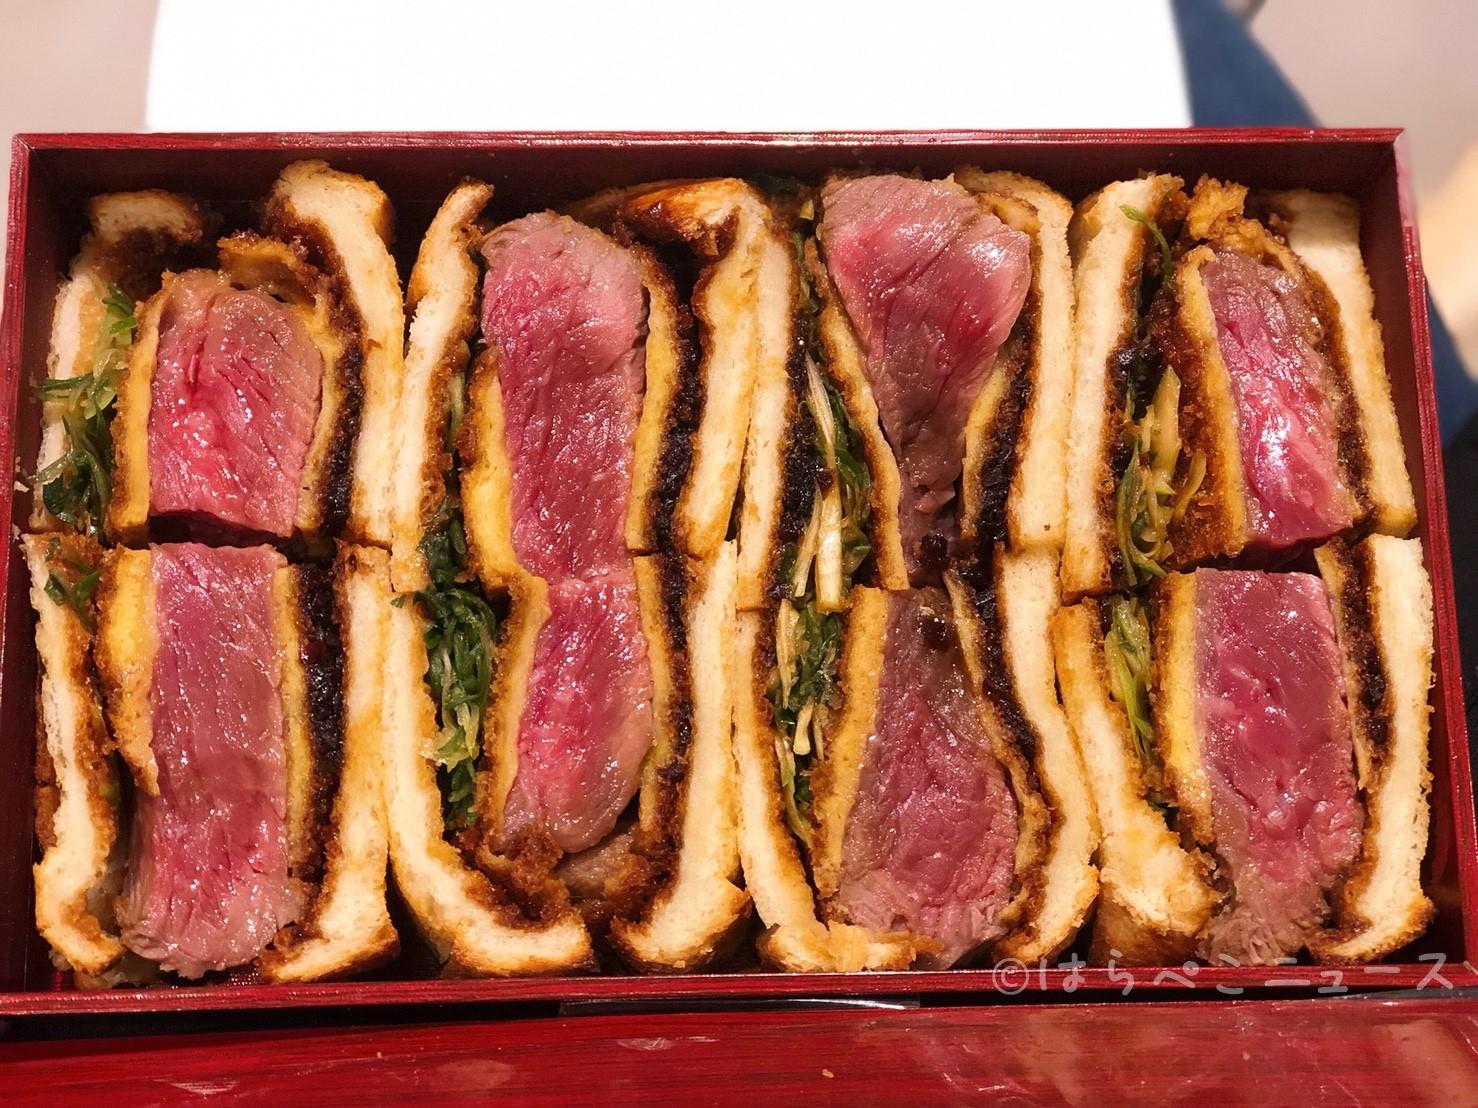 はらぺこニュース| 【実食レポ】黒毛和牛レアカツサンド!京都「肉匠 益市 GION」のお土産限定1日5食のメニュー!